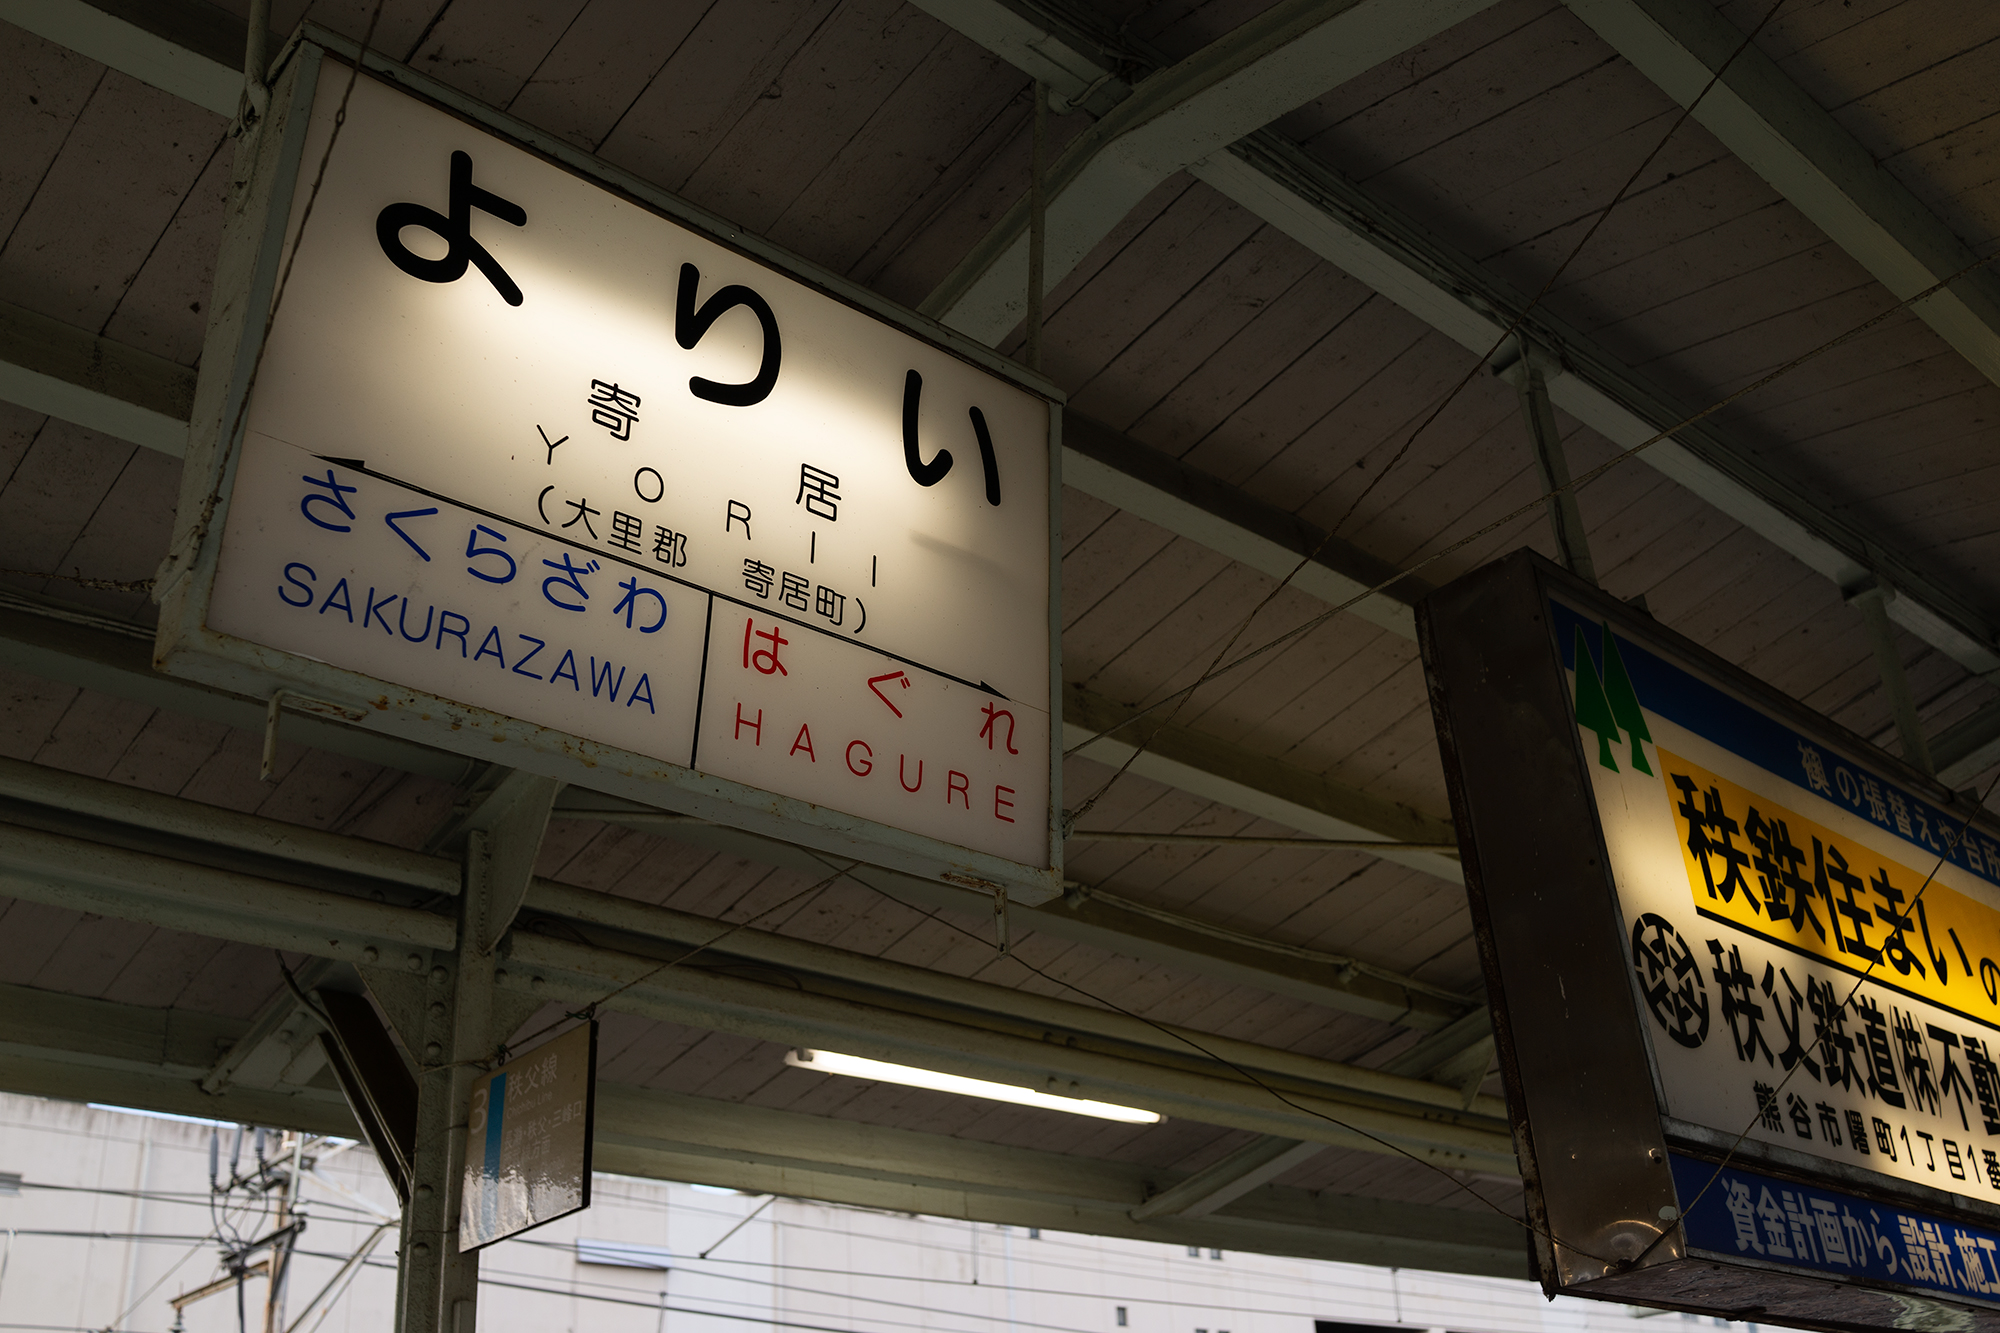 秩父鉄道「よりい」駅がタイムスリップ感を醸し出すワケ~群馬県片品村へ2~